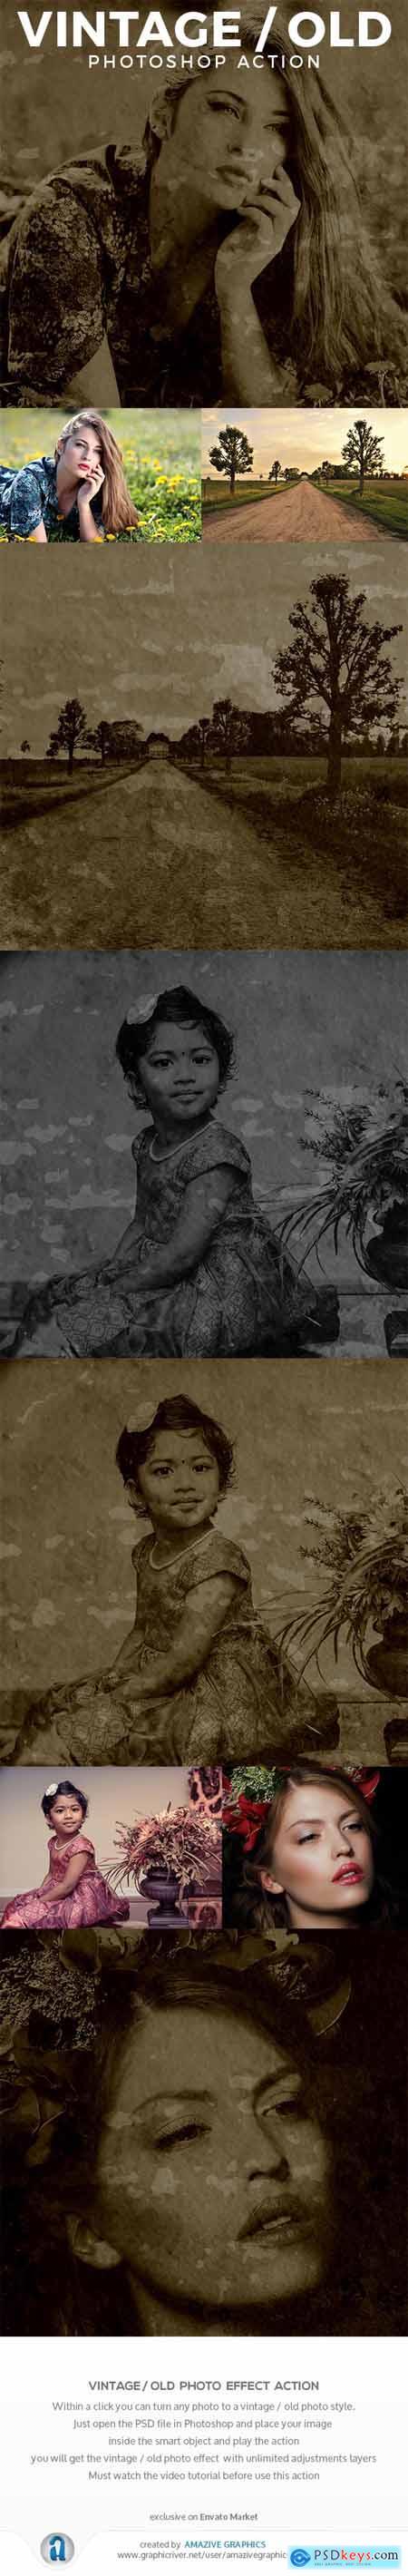 Vintage - Old Photo Effect 26444506